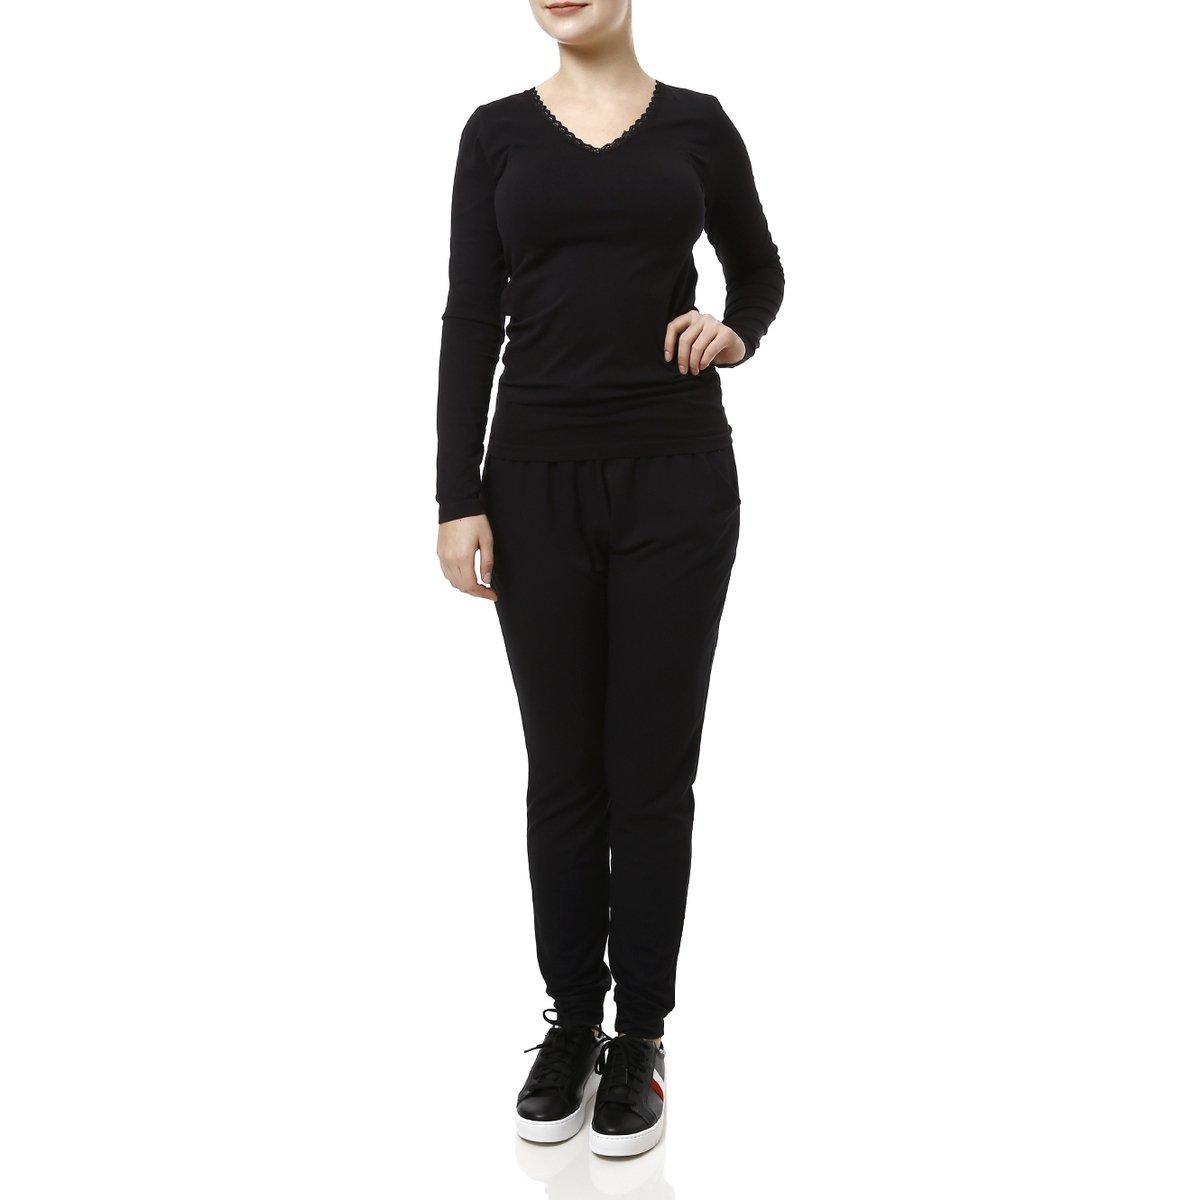 Calça Jogger Rovitex Feminina - Compre Agora  c4c4969dd02